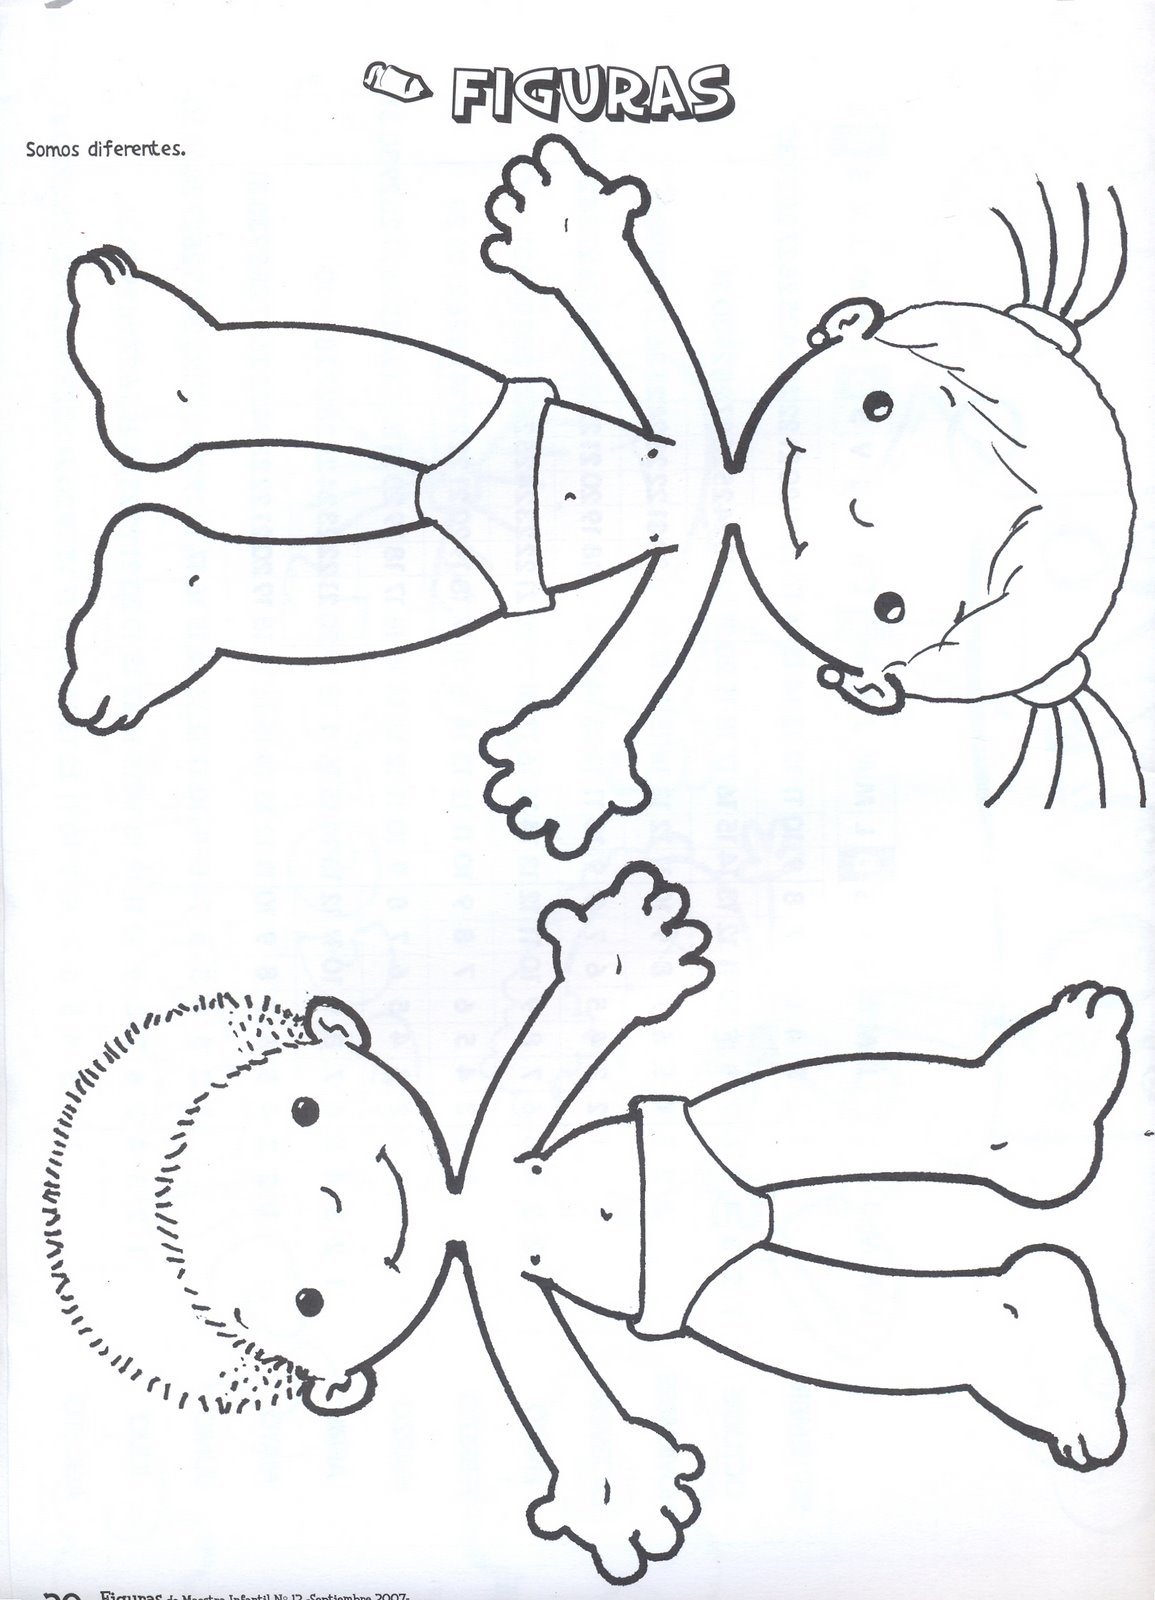 Imagen de un cuerpo humano para niños - Imagui